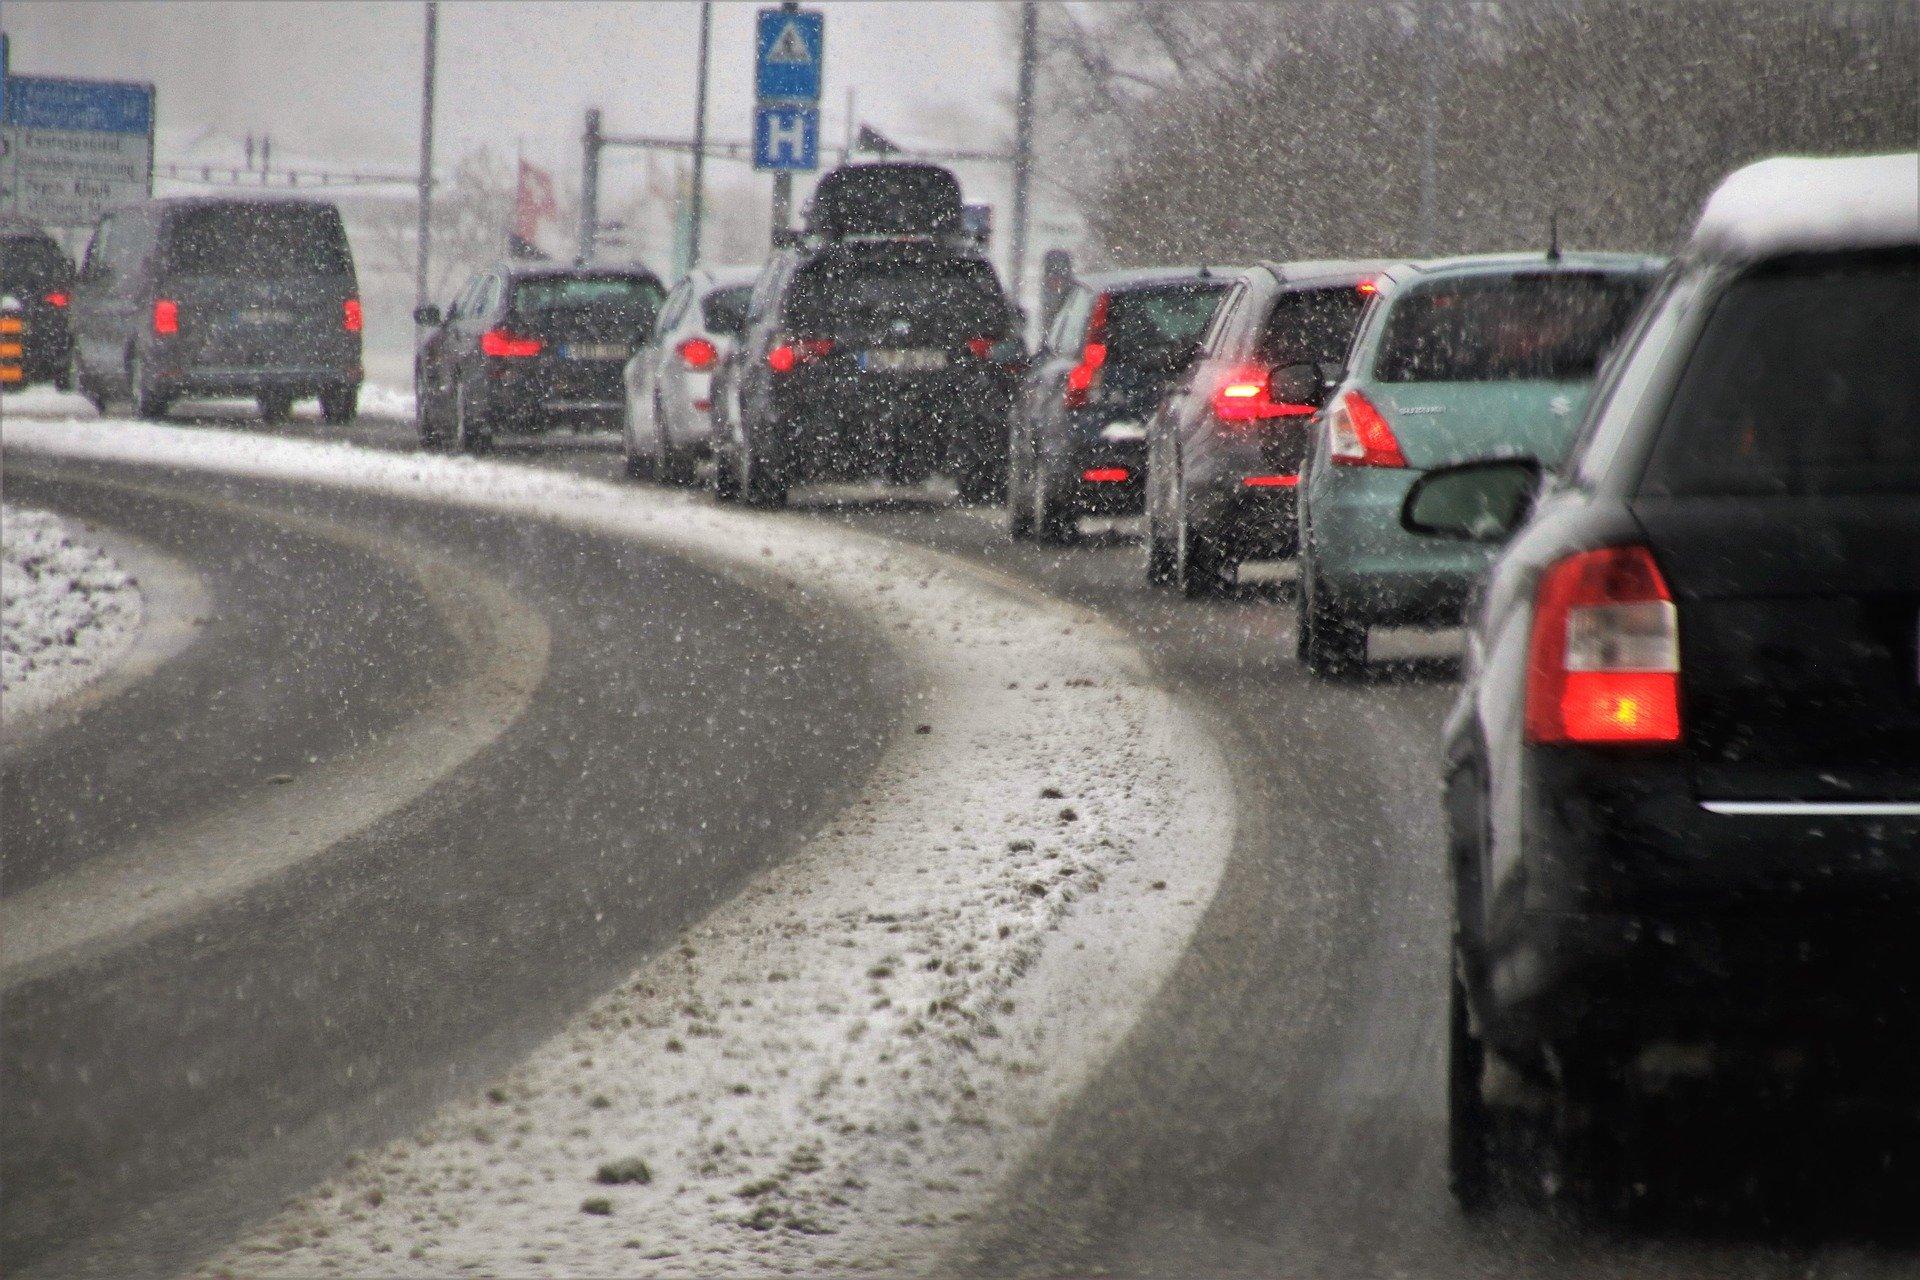 Turismul in sezonul de iarna: ce modalitati de transport prefera calatorii in preajma Craciunului?